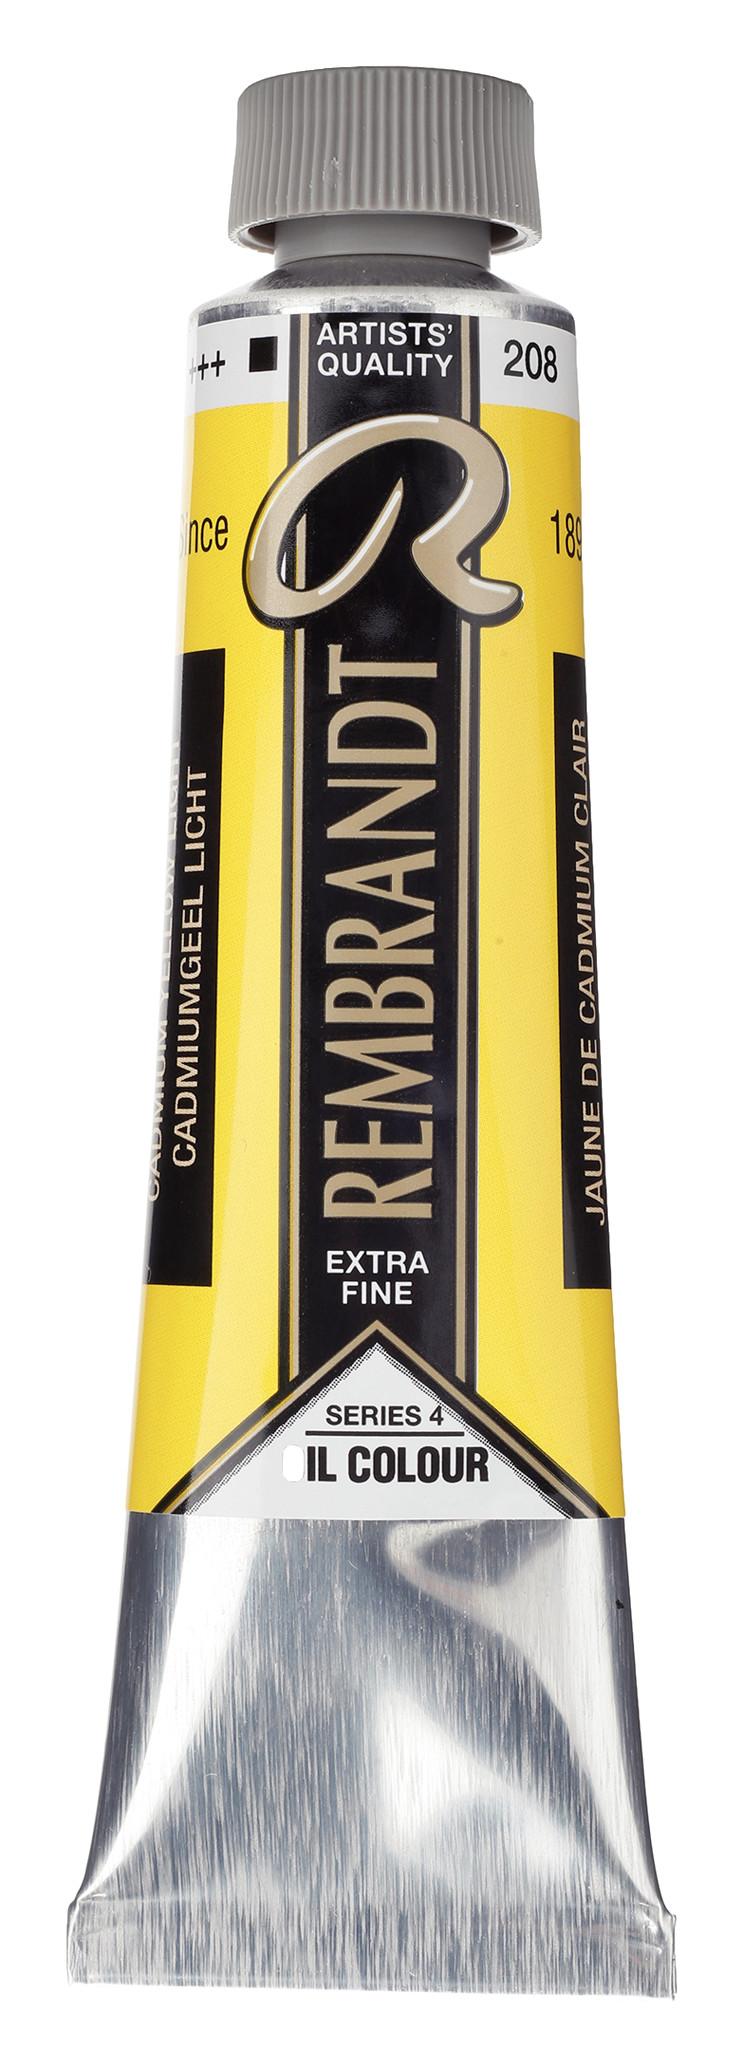 Rembrandt Oil colour Paint Cadmium Yellow Light (208) 40ml Tube